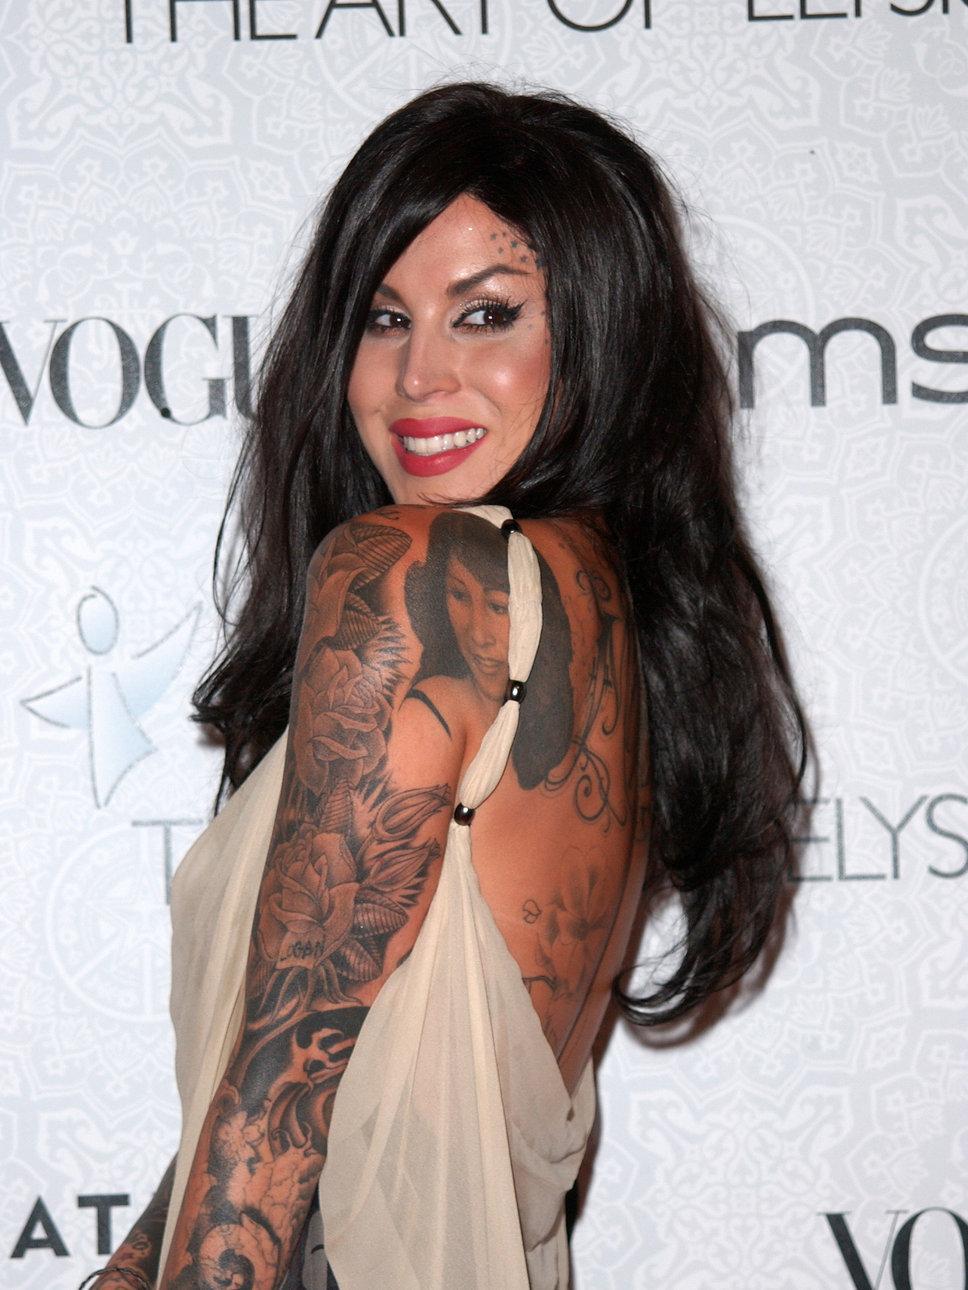 Kat von d tattoo design queen ideas designs 288 29 jpg